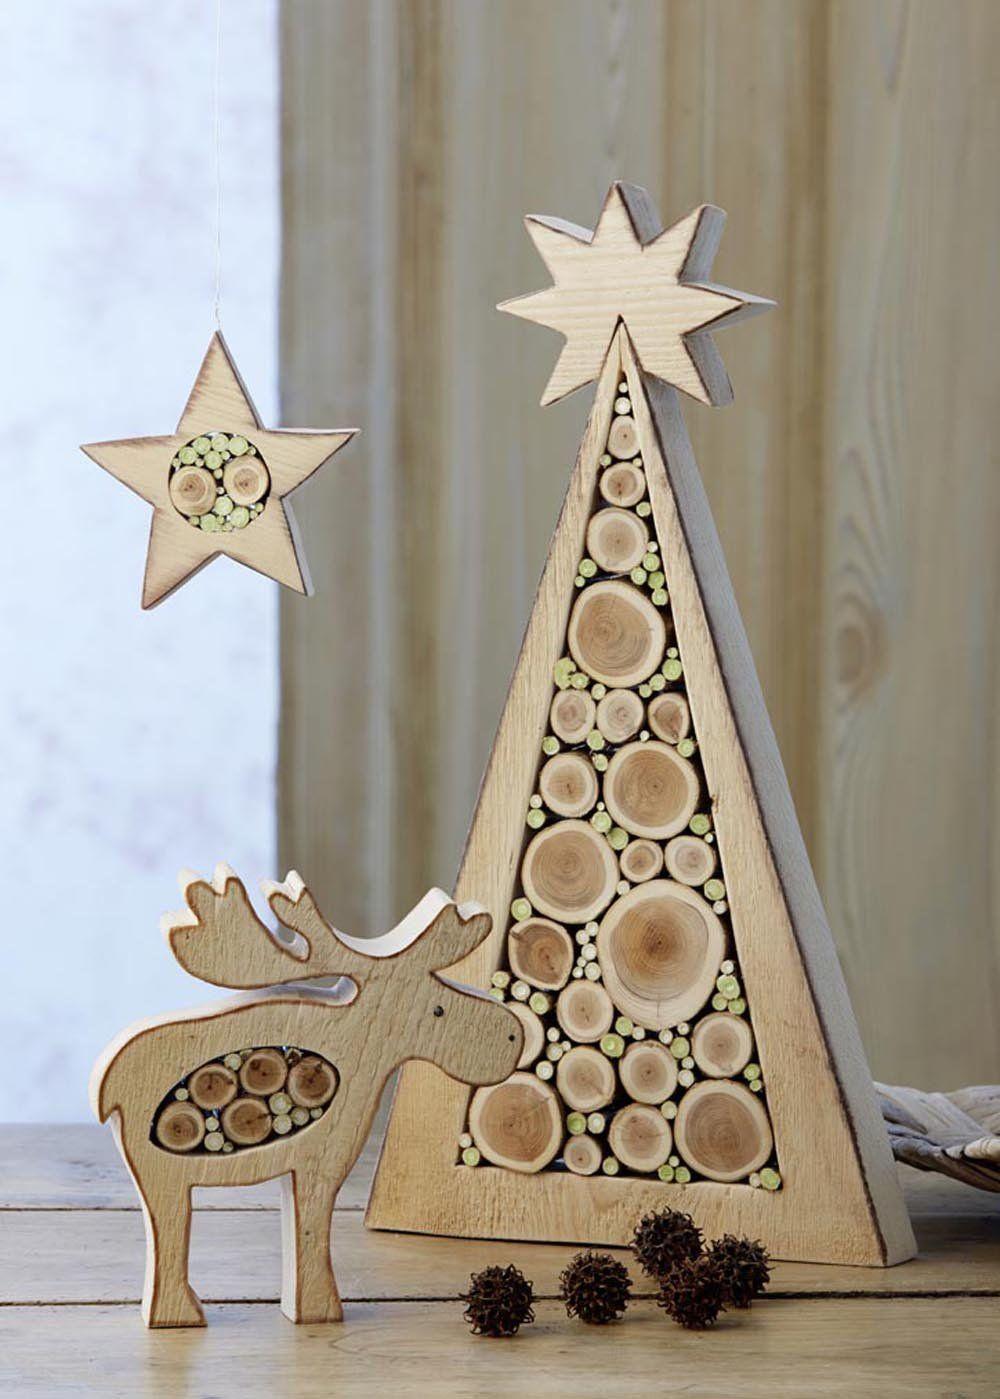 Perfekt Weihnachtsdeko Aus Holz: Amazon.de: Ingrid Moras: Bücher